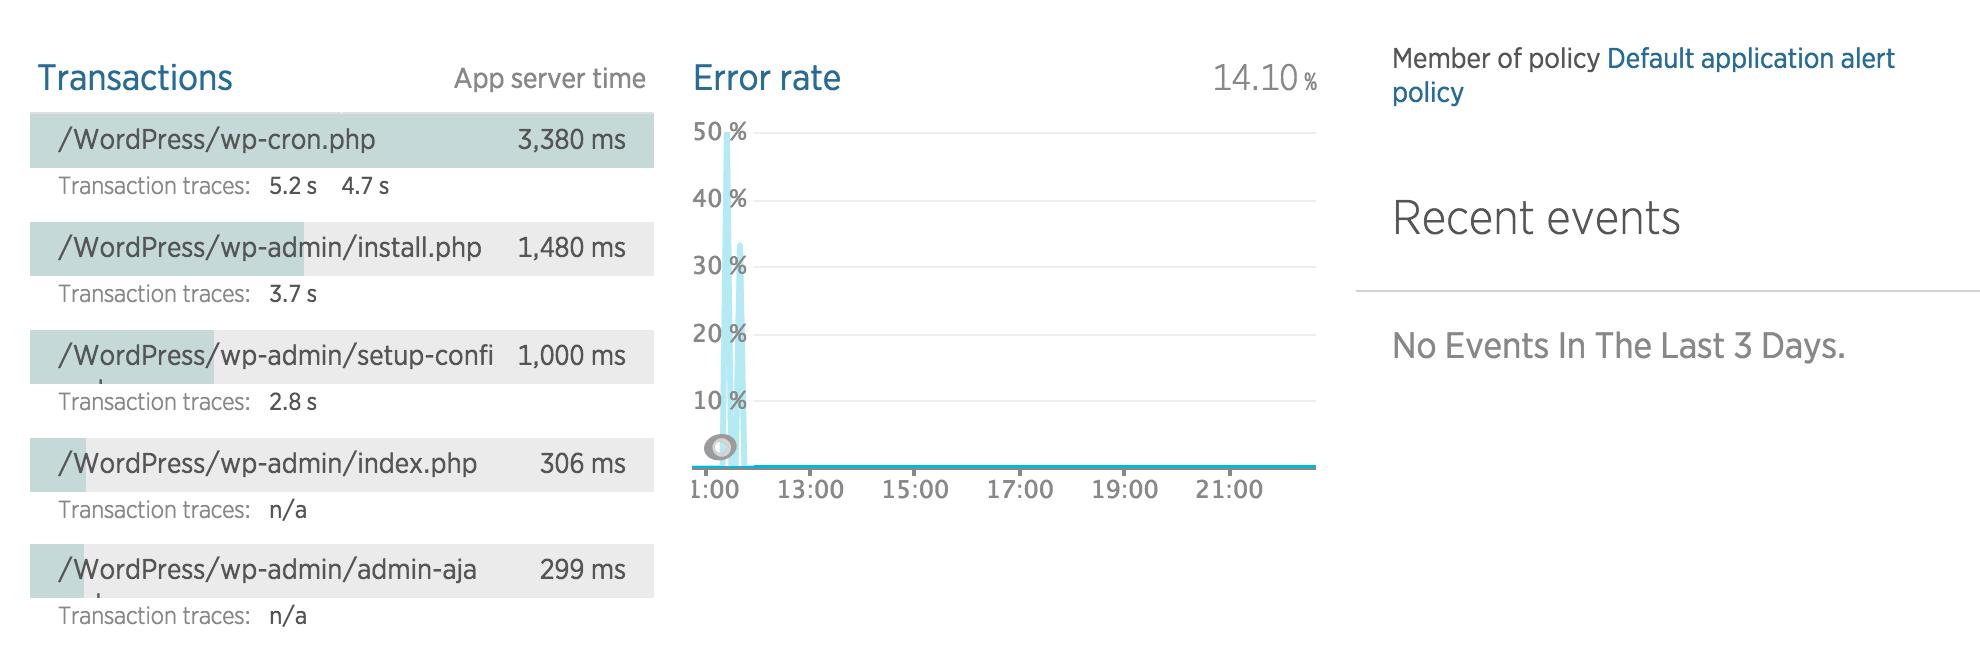 Screen Shot 2015-07-29 at 10.46.56 PM.png